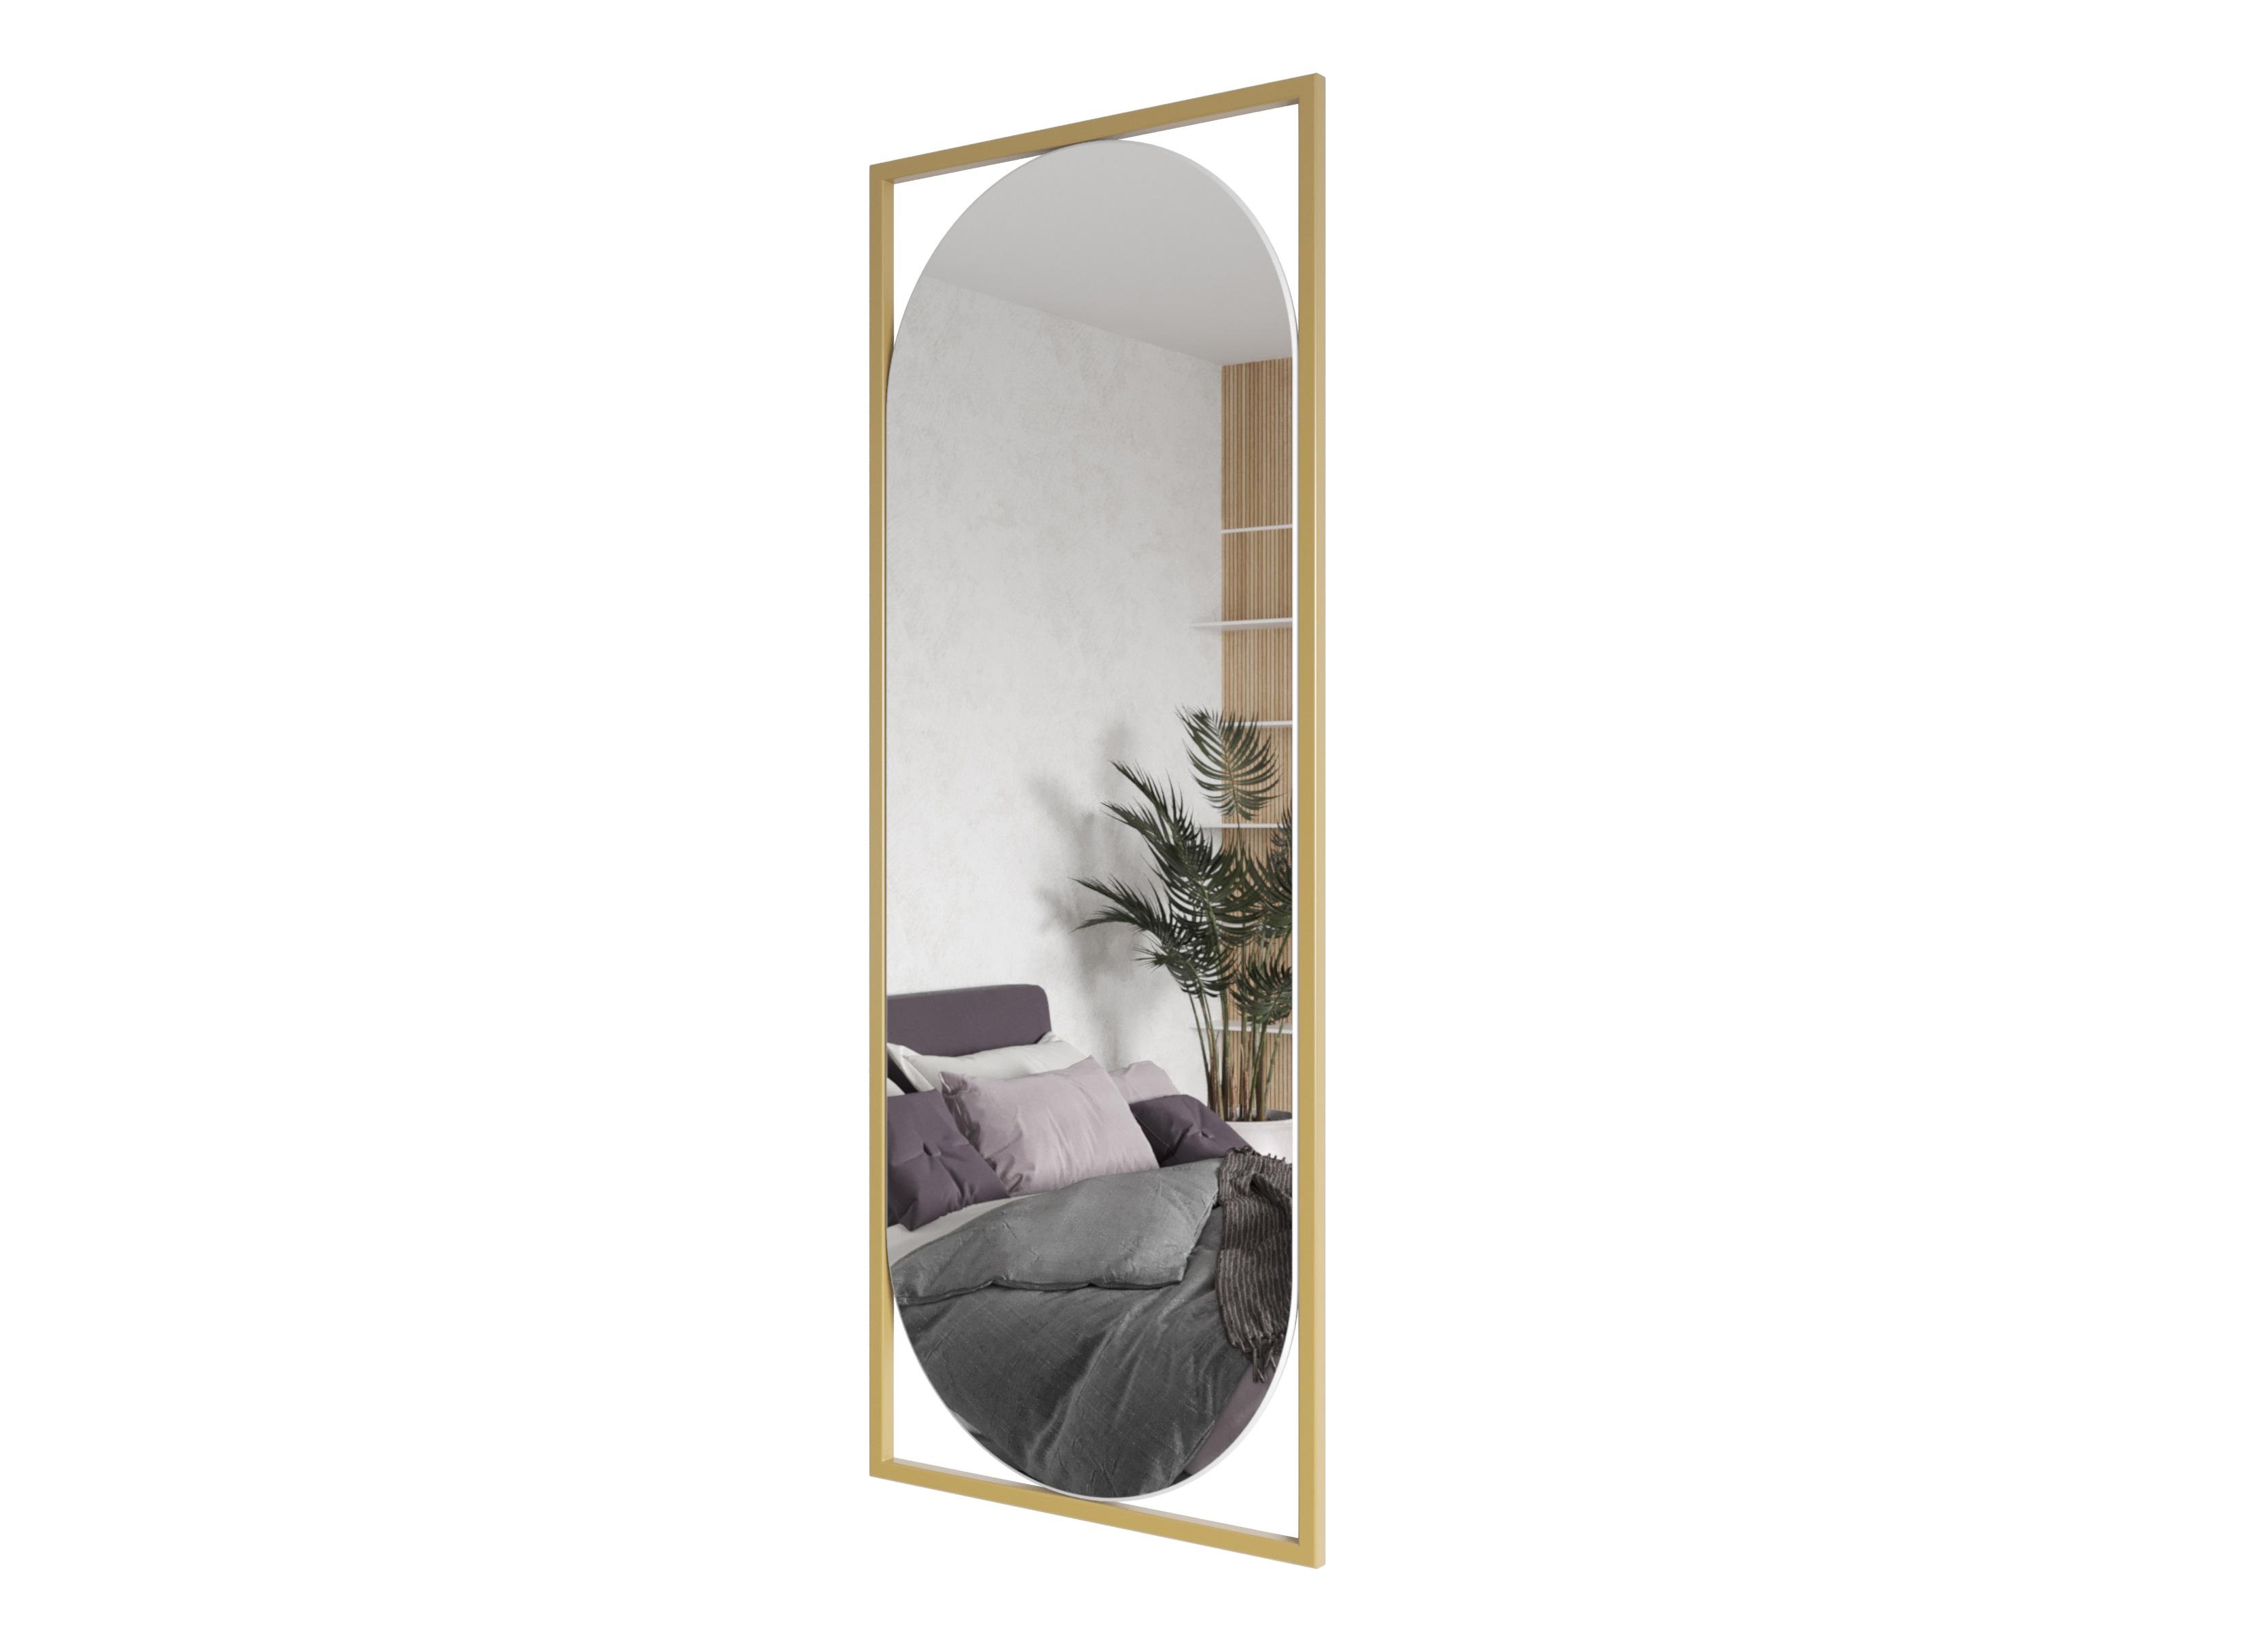 Зеркало kvaden (genglass) золотой 54x139x2 см.